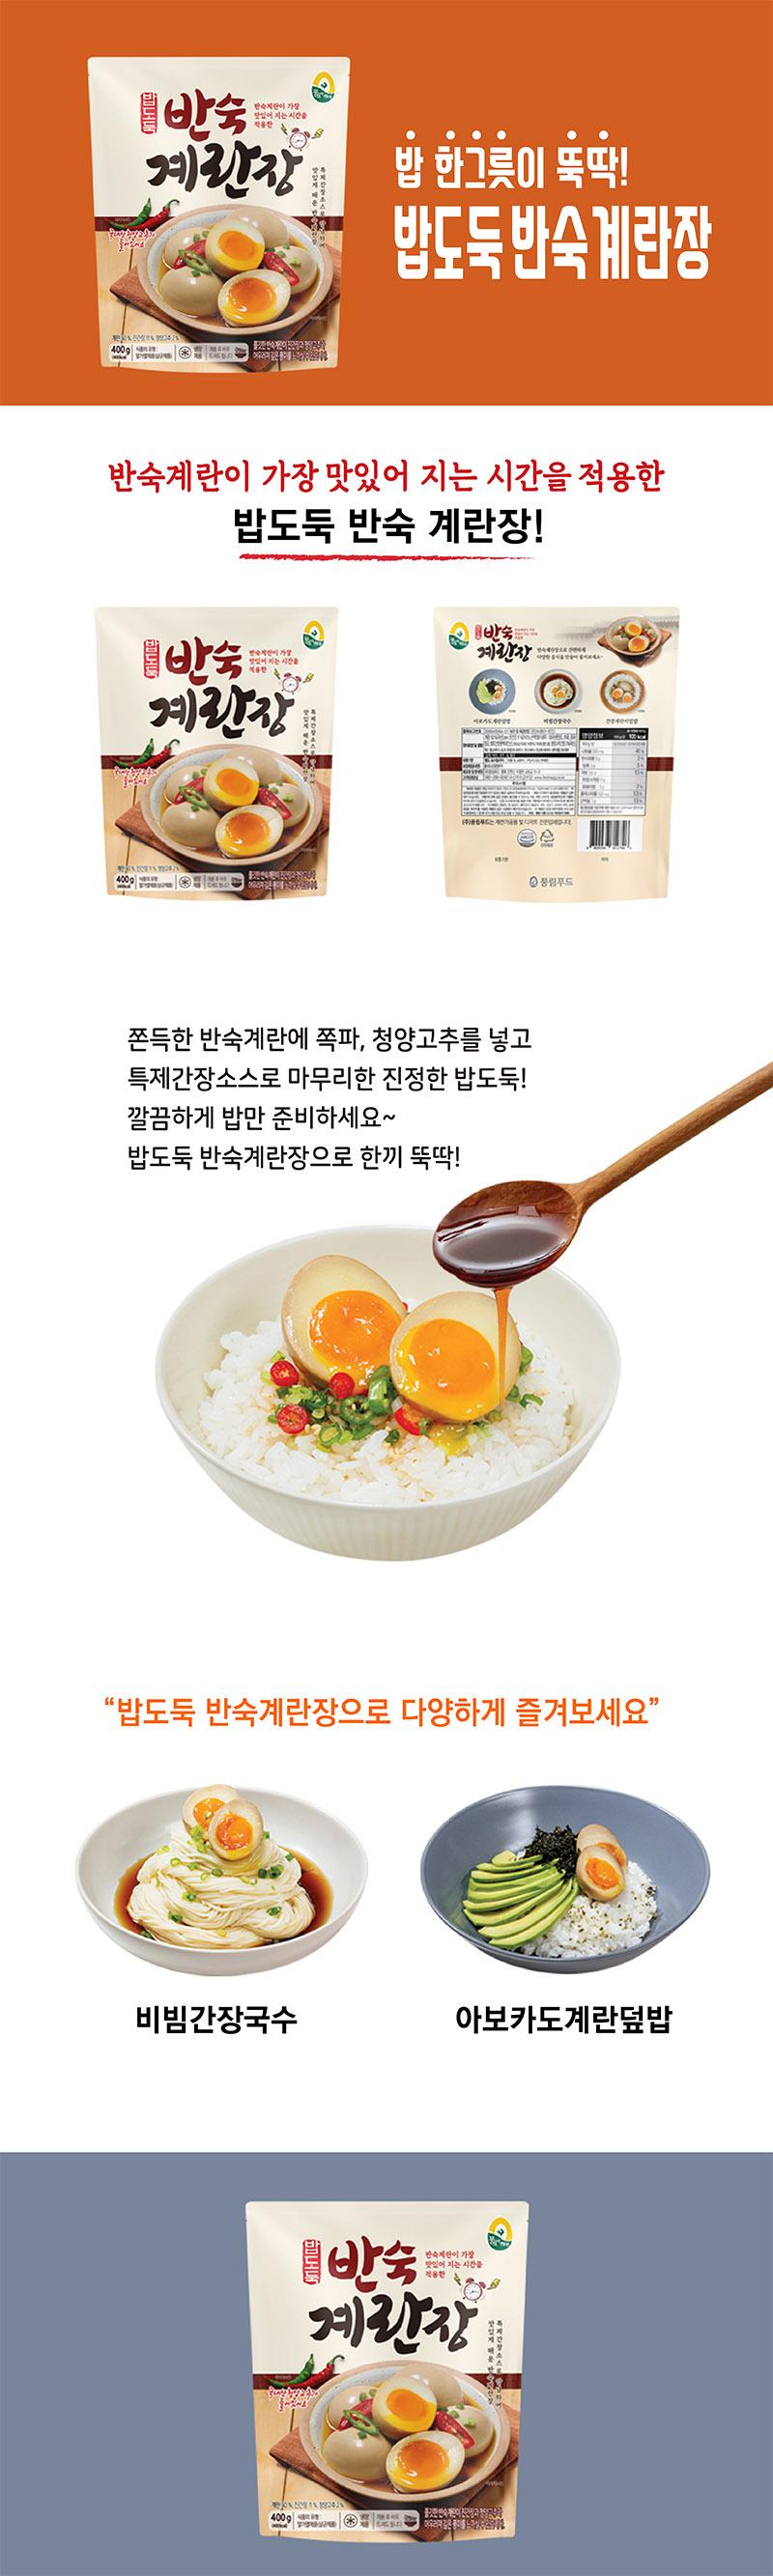 20200129_half_egg_d.jpg